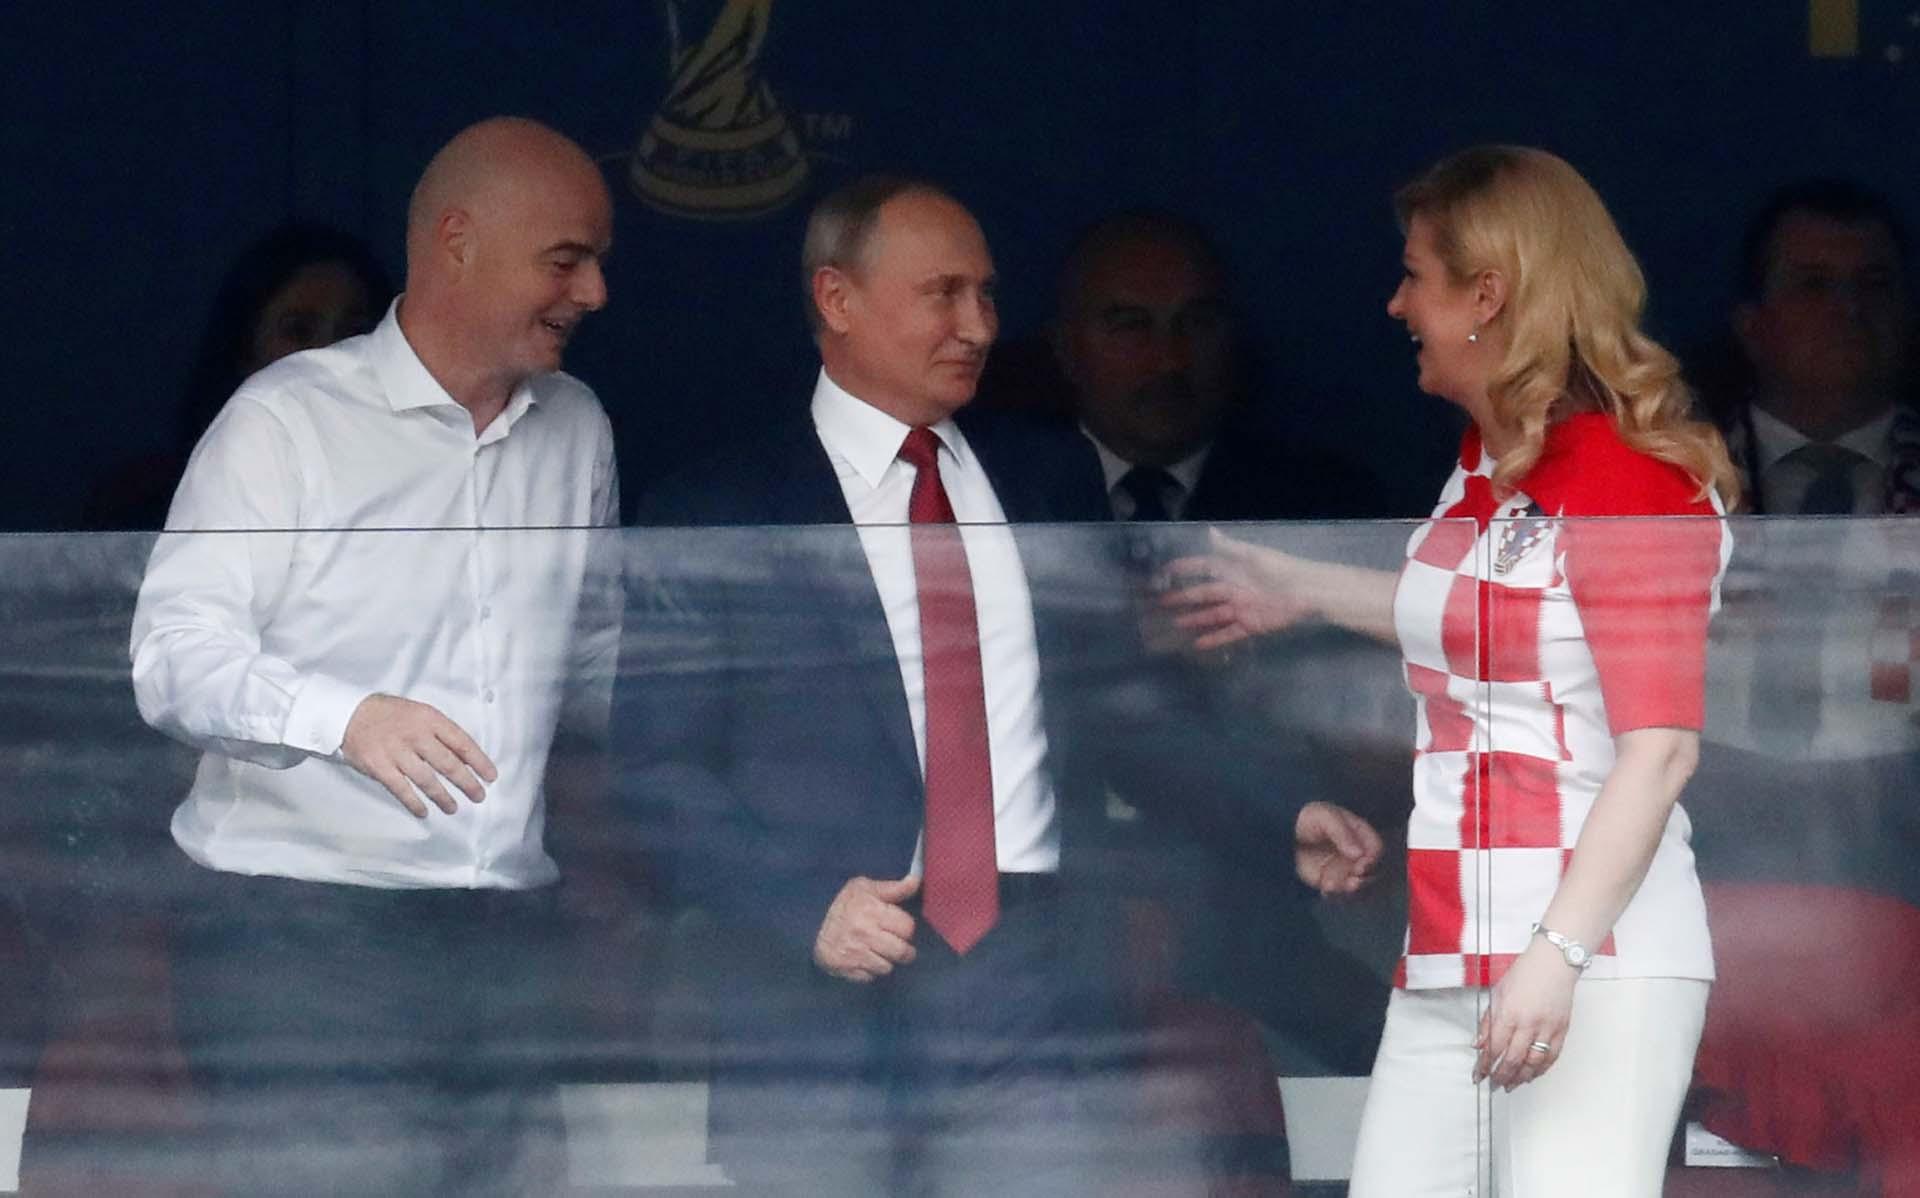 MUNDIAL DE FUTBOL RUSIA 2018, NOTÍCIAS Y CURIOSIDADES - Página 7 Final-Mundial-Rusia-2018-Francia-Croacia-121